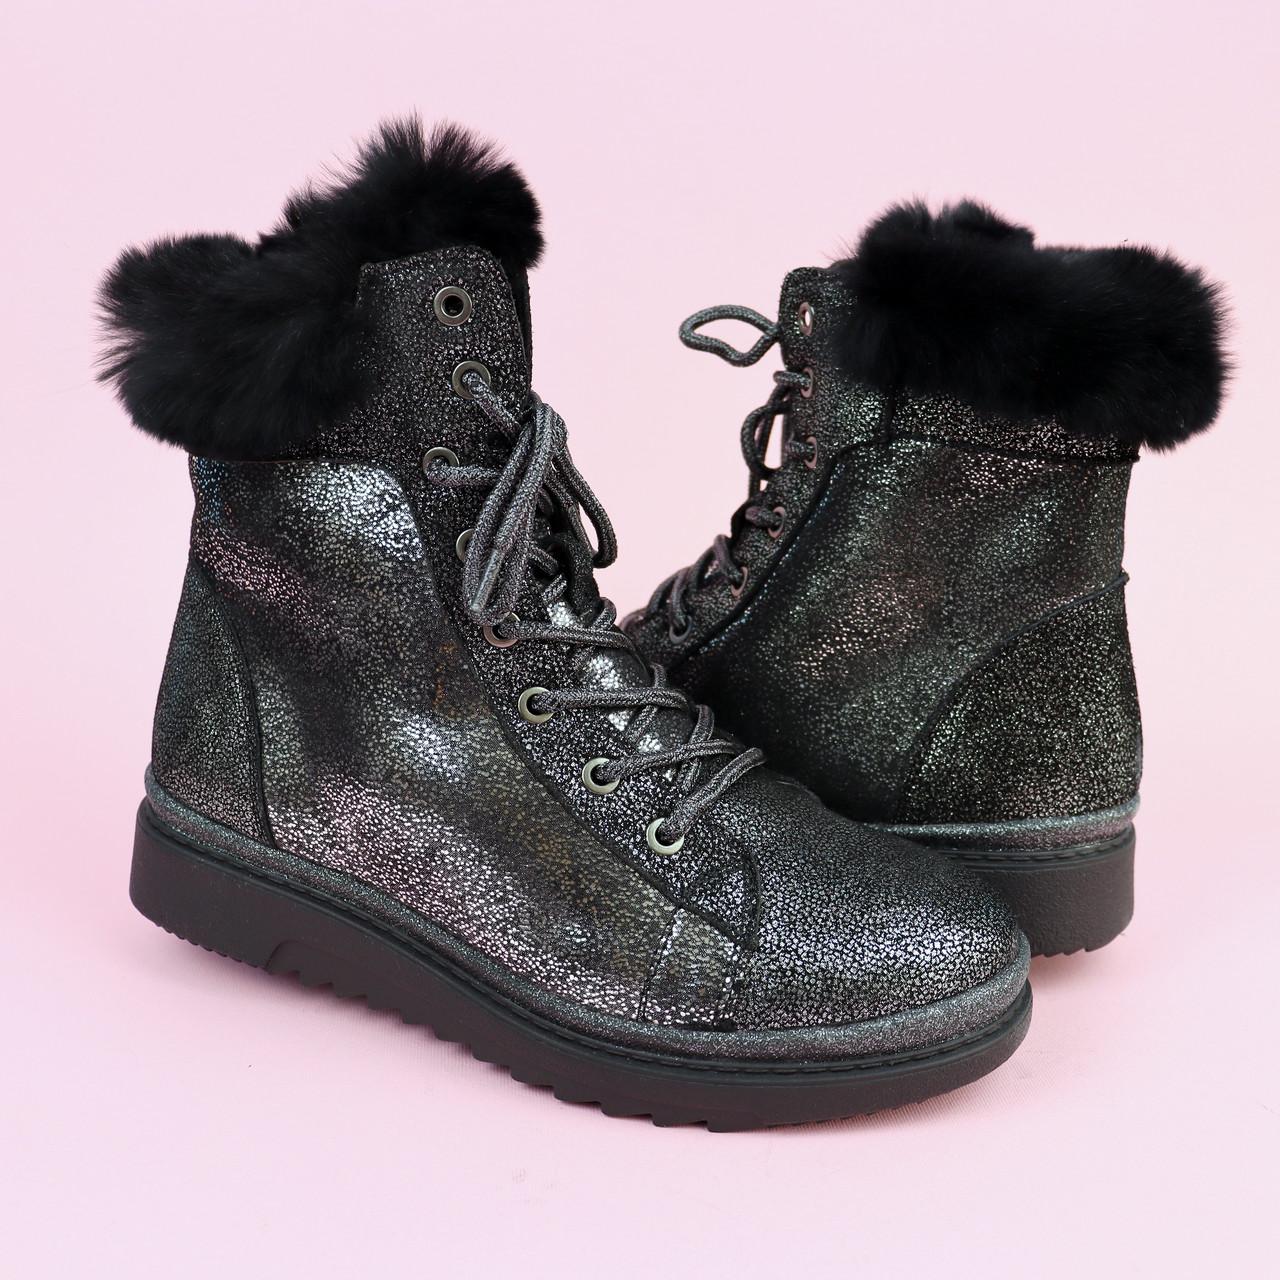 0456C Зимние кожаные ботинки для девочки с серебристым напылением тм Bi&Ki размер 34,37